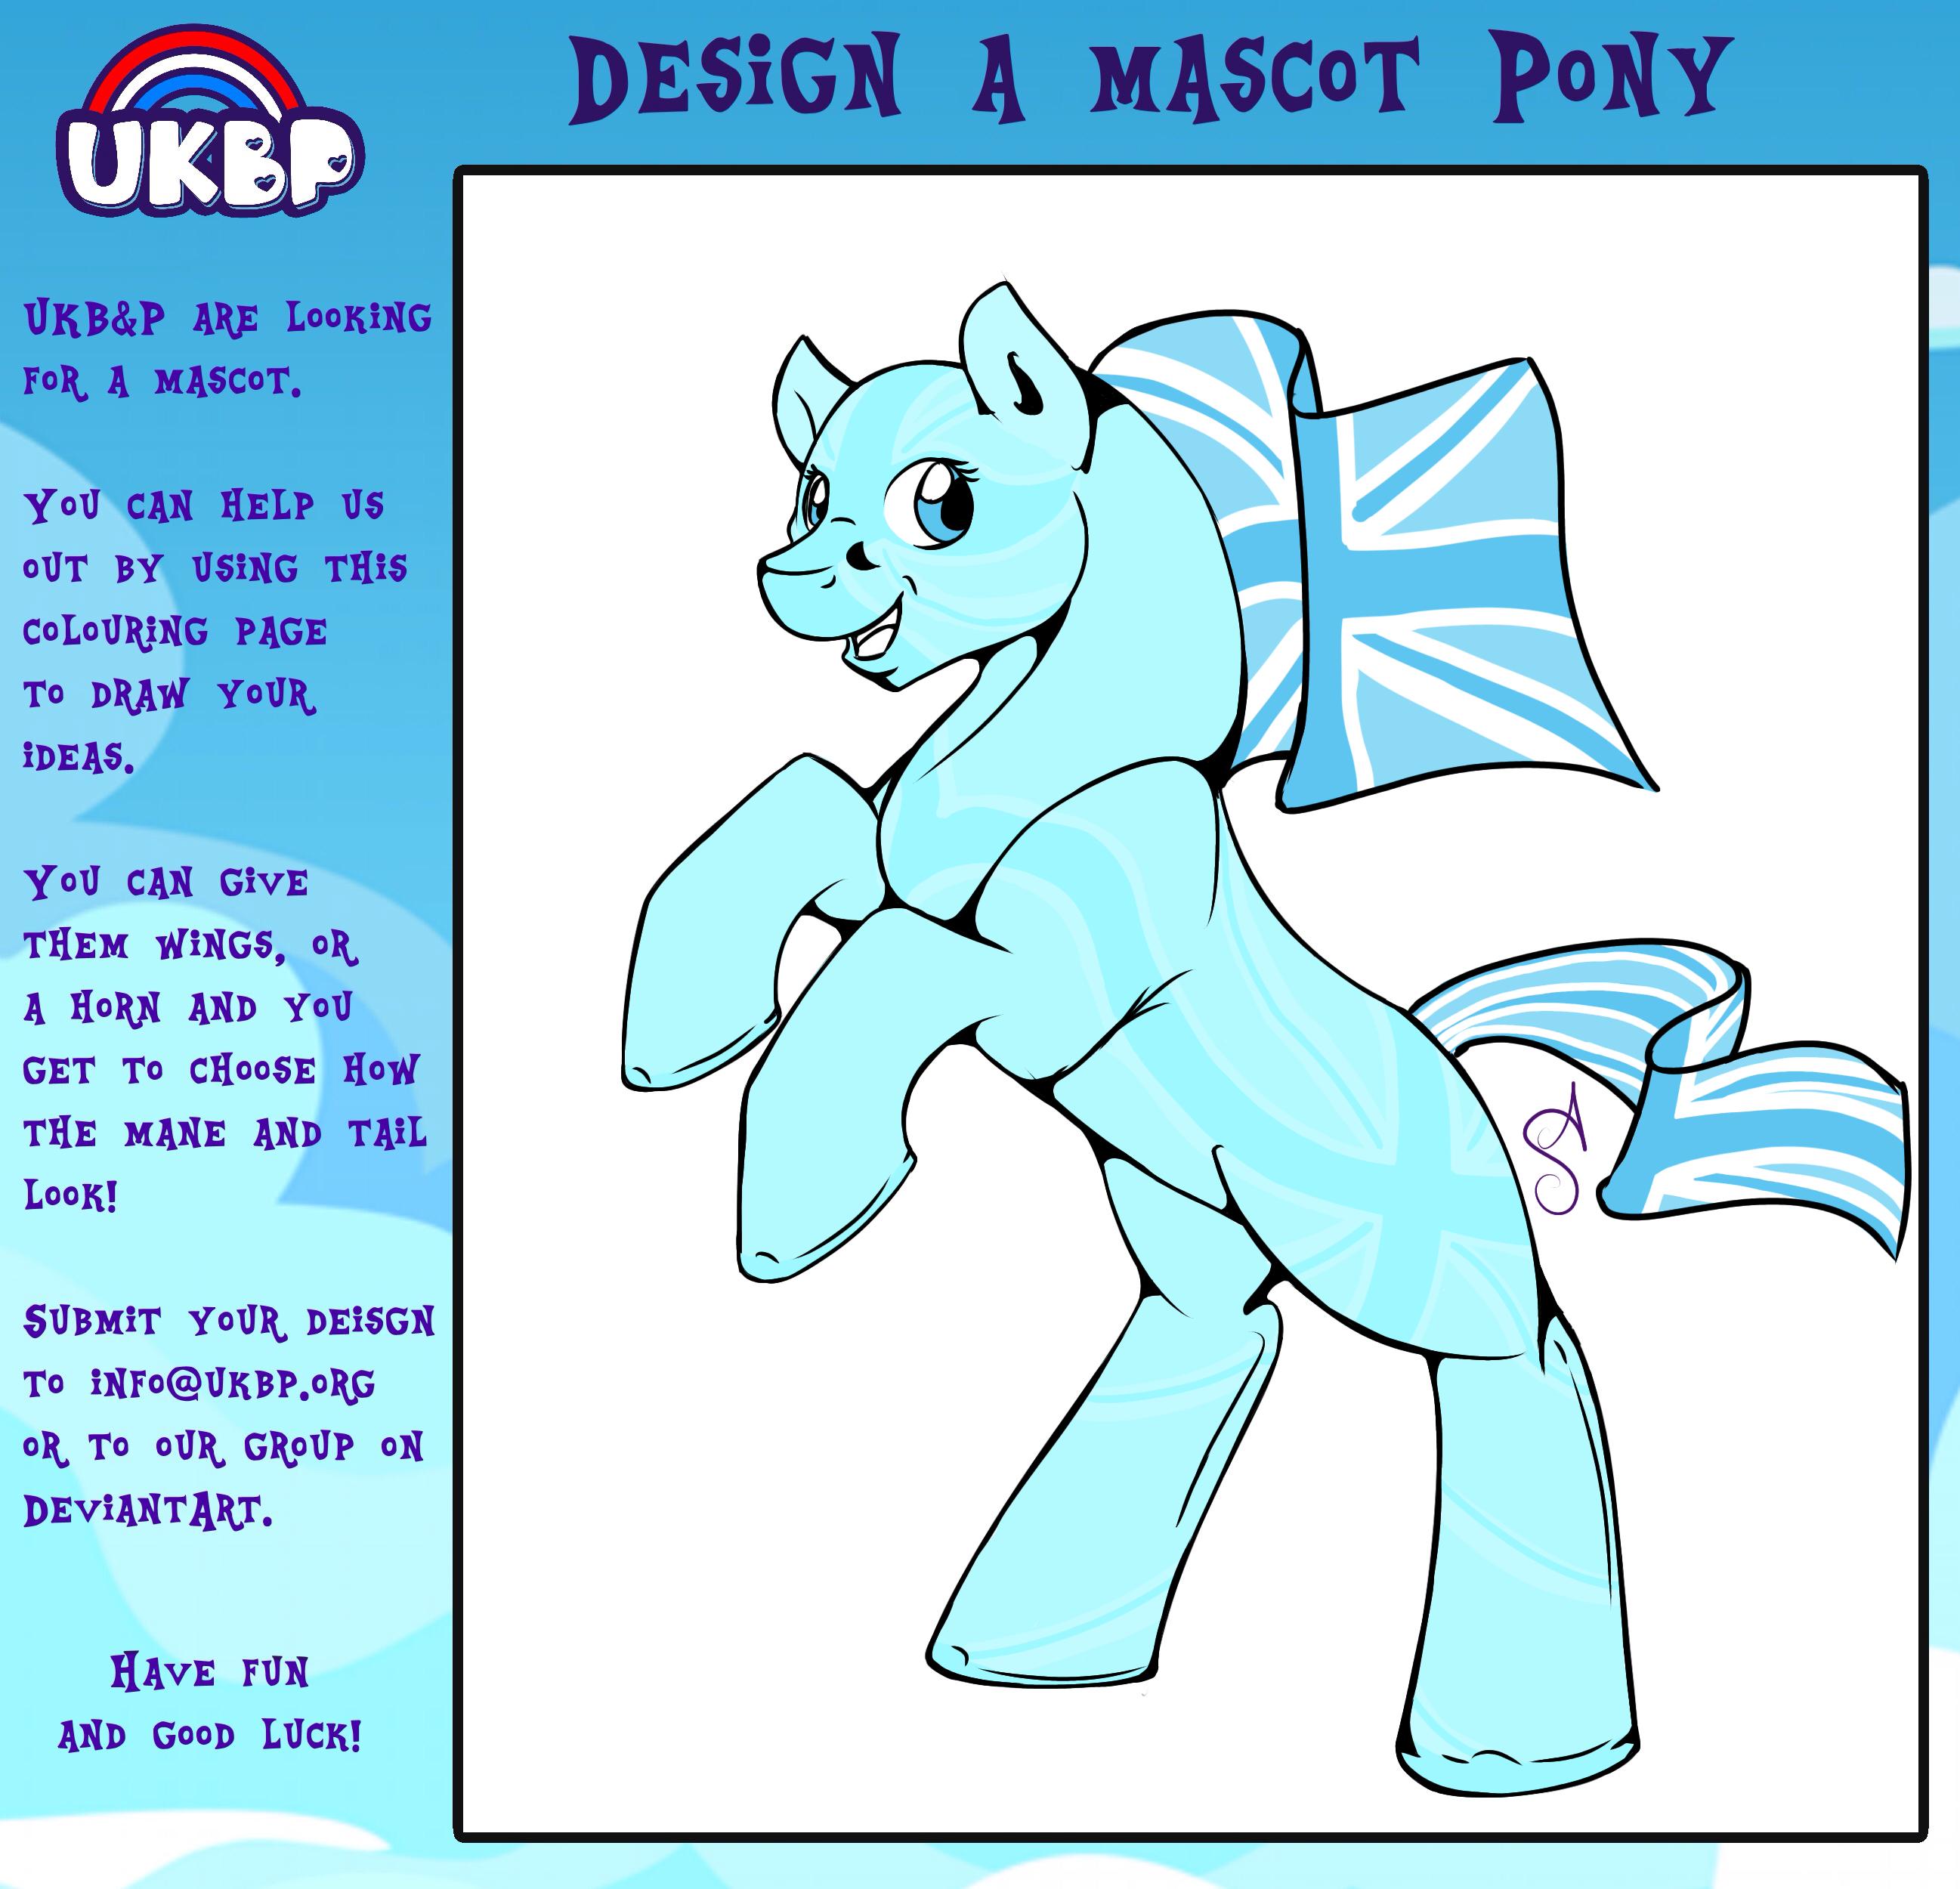 UKBP Mascot Design: Jackie